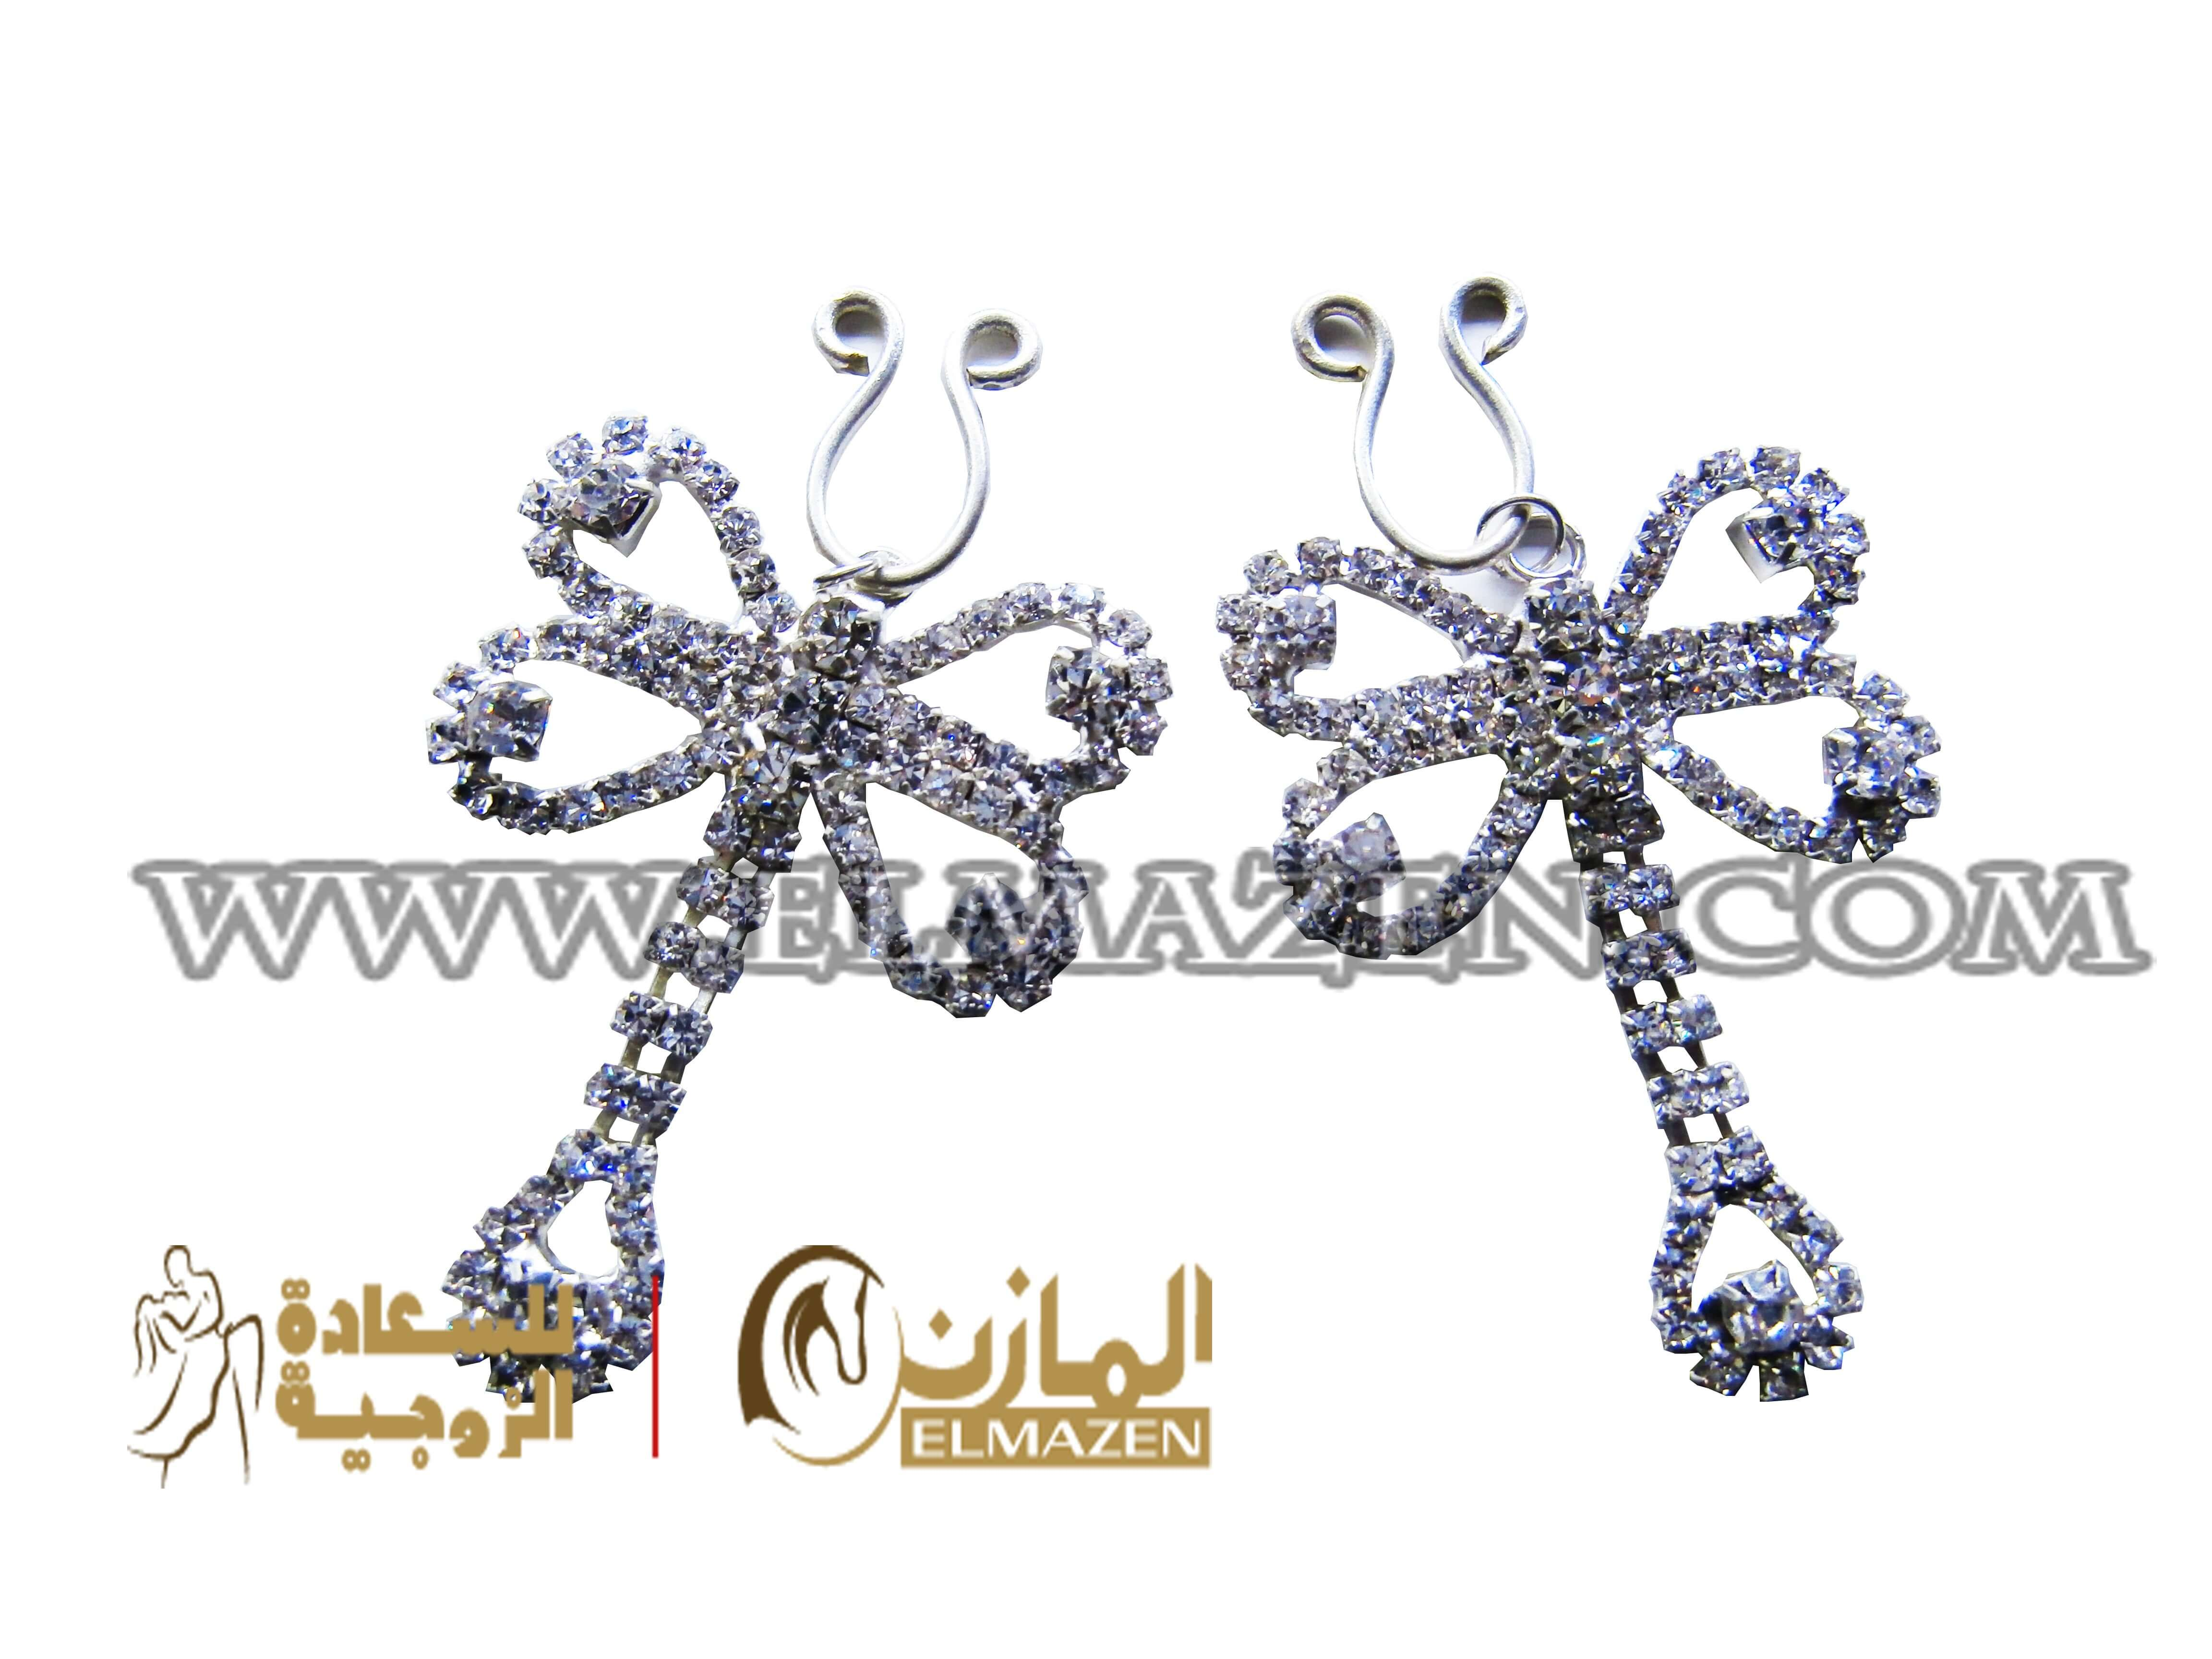 حلق حلمات الصدر الفراشة لجسم النساء فى مصر ابرزى مفاتن صدرك لزوجك بحلق الحلمات احدث موضات الاكسسوارلجسم النساء حلق الحلما Charm Bracelet Jewelry Crown Jewelry